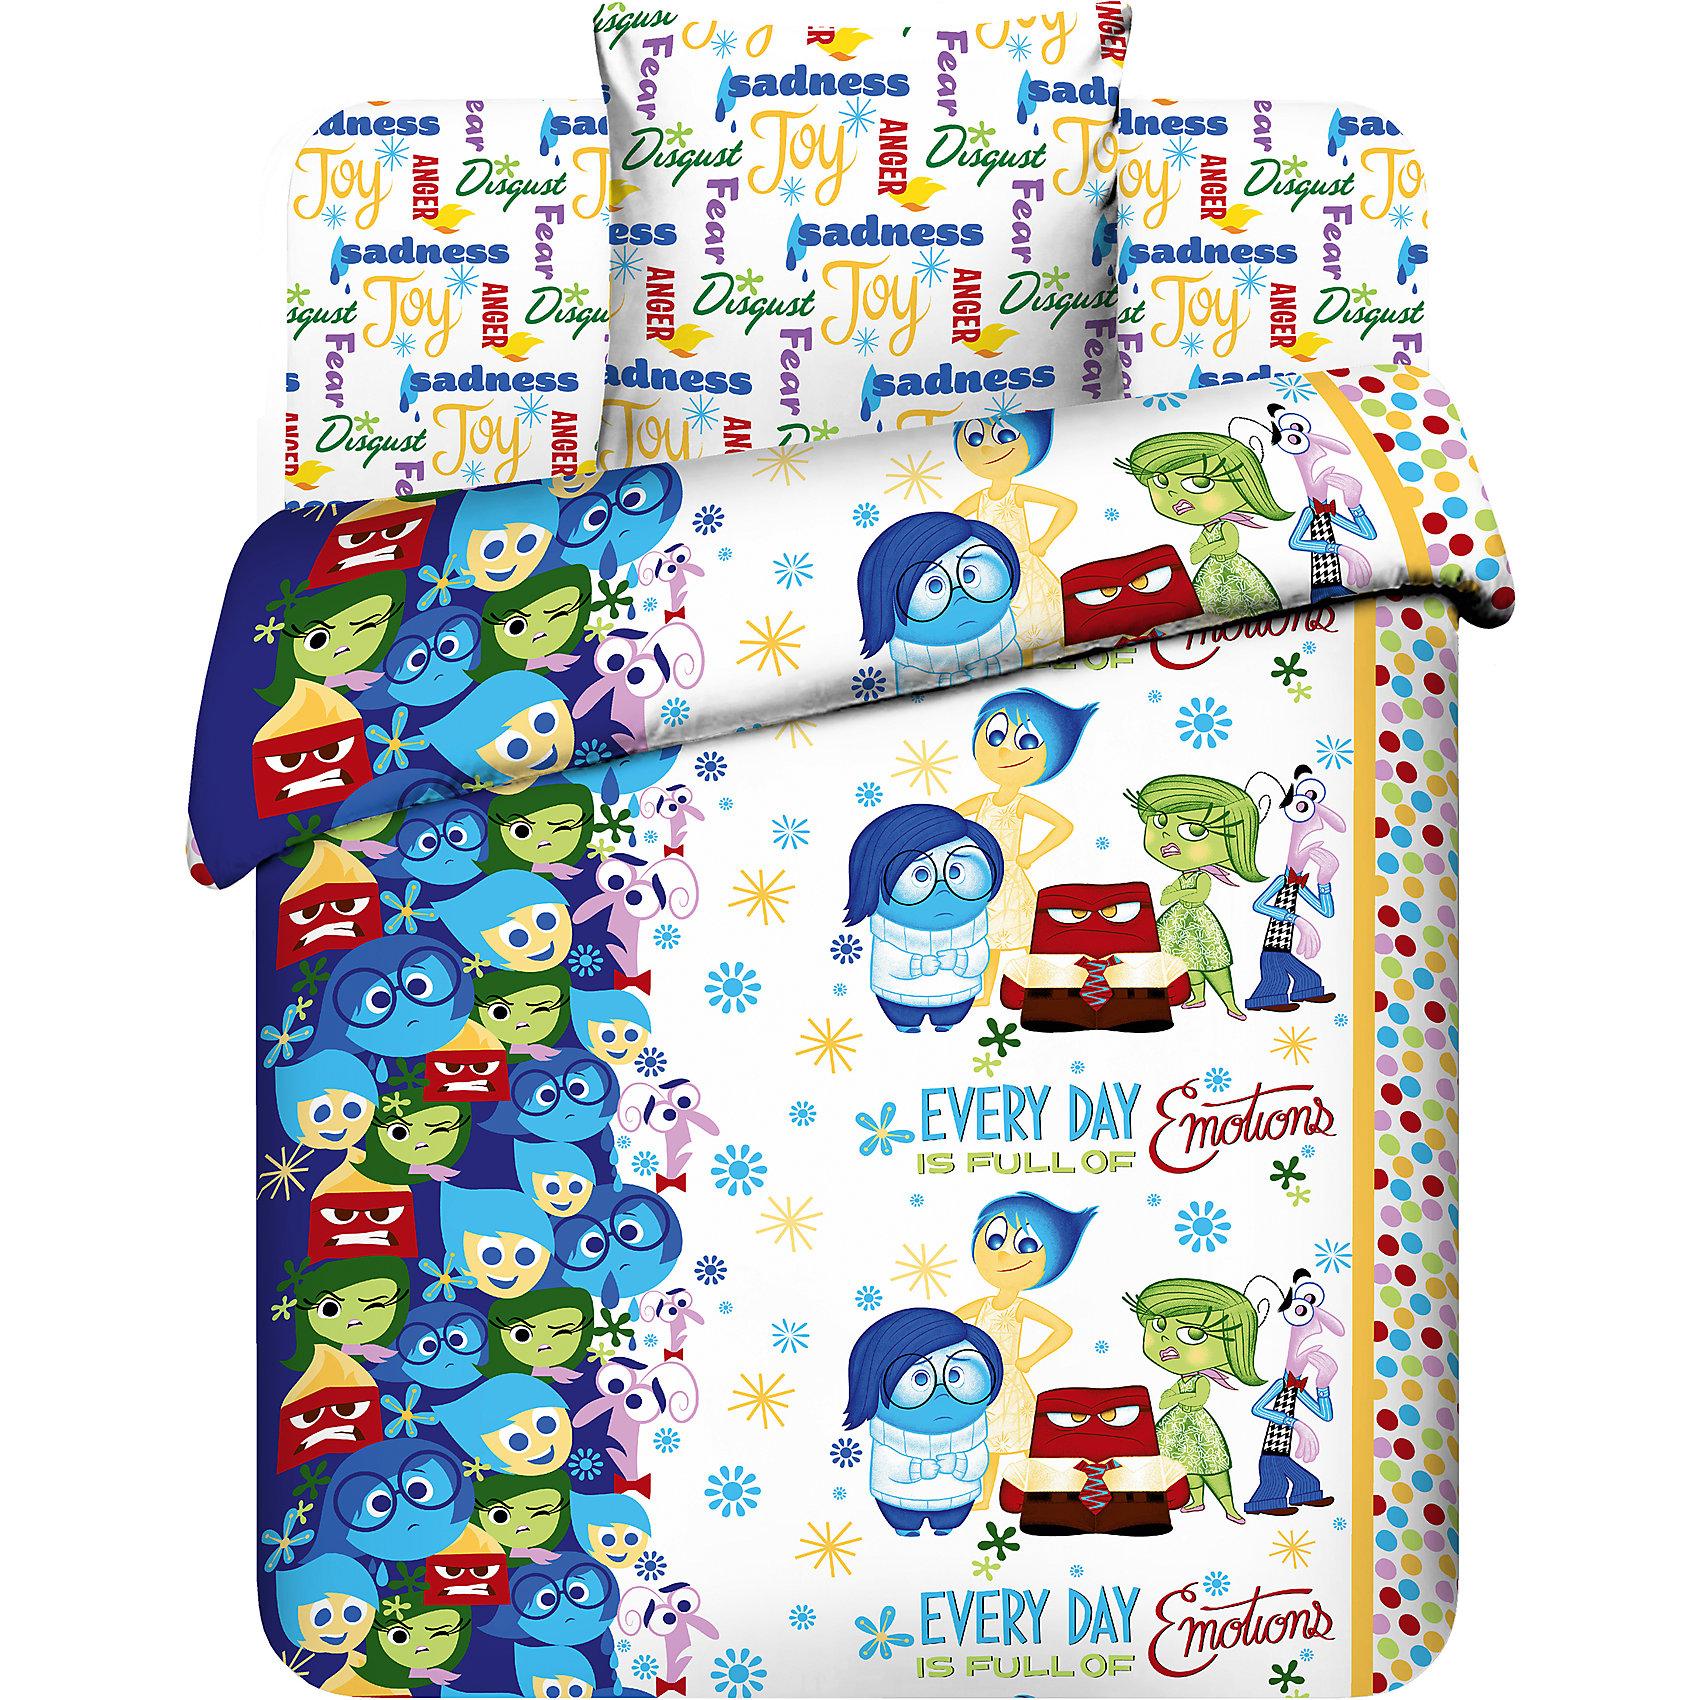 Комплект Головоломка 1,5-спальный (наволочка 70*70 см)Домашний текстиль<br>Комплект Головоломка 1,5-спальный (наволочка 70*70 см) - это яркое постельное белье создаст атмосферу уюта в детской комнате.<br>Комплект постельного белья Головоломка (Inside out) станет приятным сюрпризом для всех маленьких поклонников популярного мультфильма «Головоло?мка». Пододеяльник оформлен изображениями девочки Райли Андерсон и ее эмоций, а также надписью на английском языке «Каждый день наполнен эмоциями». Рисунок на пододеяльнике с двух сторон. Дизайн наволочки и простыни с надписями на английском языке «Гнев», «Радость», «Брезгливость», «Страх» и «Печаль» гармонично дополняет основной рисунок пододеяльника. Постельное белье выполнено из качественной бязи, легко гладится и долго сохраняет цвет. Импортные красители, используемые при нанесении рисунков, не вызывают аллергии и раздражений на коже. Комплект постельного белья Головоломка украсит детскую спальню и подарит волшебные сновидения вашему ребенку.<br><br>Дополнительная информация:<br><br>- В комплекте: 1 наволочка, 1 пододеяльник и 1 простыня.<br>- Размер пододеяльника: 148 х 215 см.<br>- Размер наволочки: 70 х 70 см.<br>- Размер простыни: 150 х 214 см.<br>- Размер: 1.5 спальное<br>- Ткань: бязь<br>- Состав: хлопок 100%<br>- Плотность ткани: 125 г/м2.<br>- Вес в упаковке: 1,5 кг.<br>- Размер в упаковке: 30 х 5 х 30 см.<br><br>Комплект Головоломка 1,5-спальный (наволочка 70*70 см)- сделайте подарок ребенку, увлекая его в волшебный мир Диснея.<br><br>Комплект Головоломка 1,5-спальный (наволочка 70*70 см) можно купить в нашем интернет-магазине.<br><br>Ширина мм: 300<br>Глубина мм: 50<br>Высота мм: 300<br>Вес г: 1500<br>Возраст от месяцев: 36<br>Возраст до месяцев: 144<br>Пол: Унисекс<br>Возраст: Детский<br>SKU: 4179786